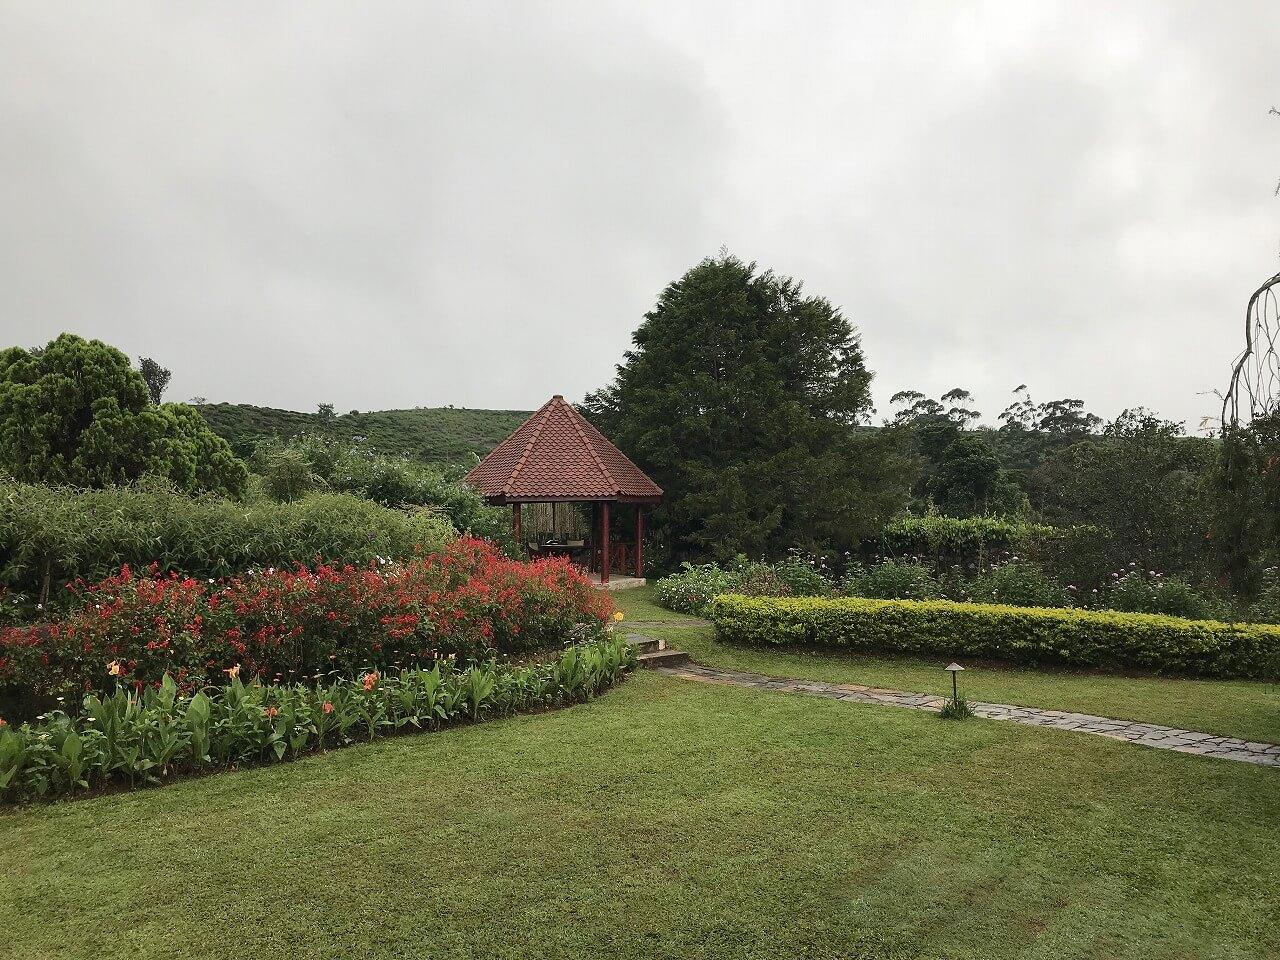 「セイロン紅茶」の国・スリランカ 4ガーデンの散策も